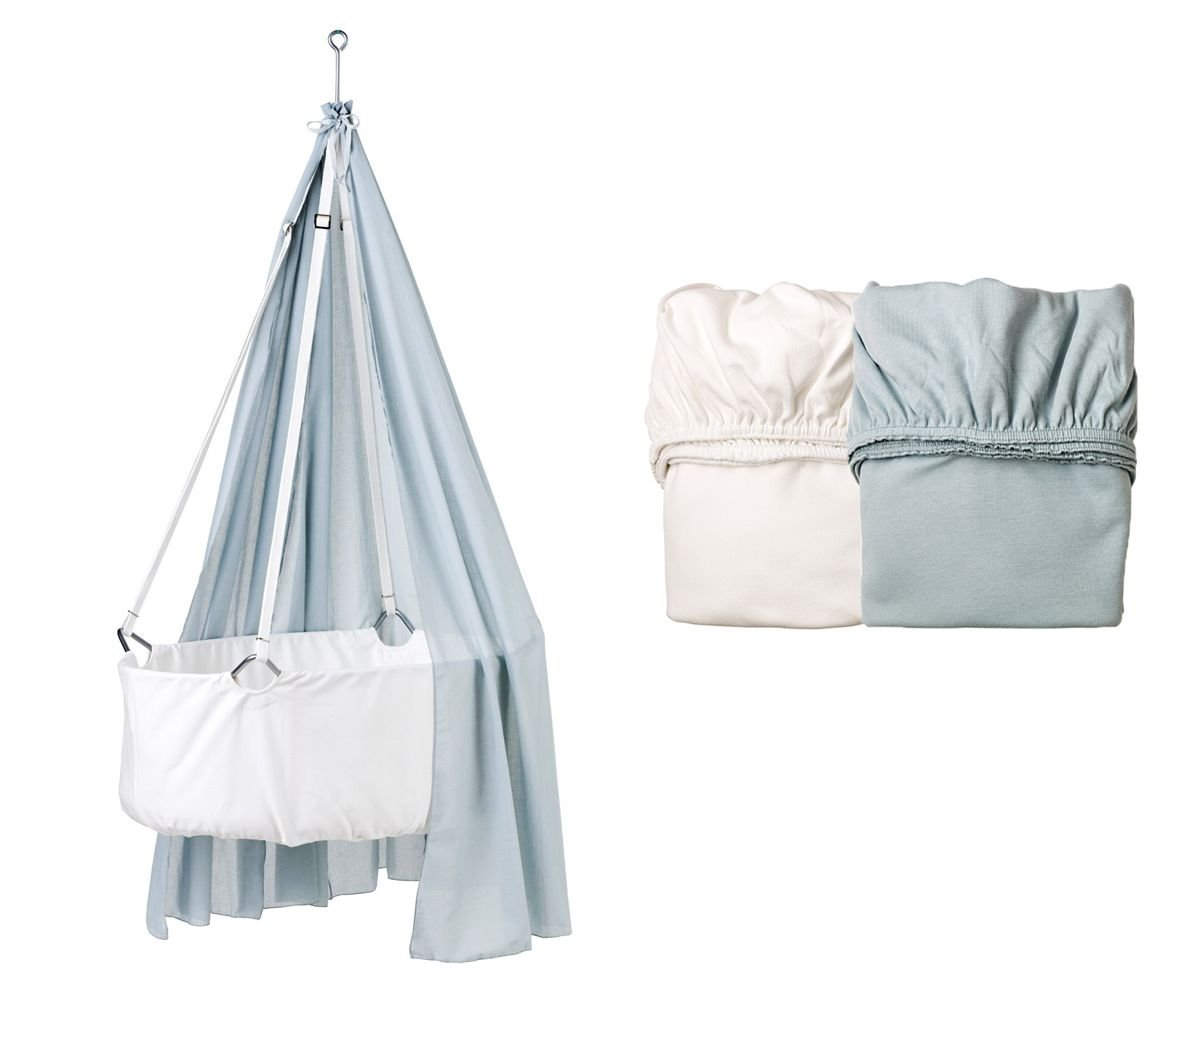 Leander Wiege weiß mit Träumeland Matratze, Deckenhaken, Himmel (Schleier) misty blue, 2 Stück Original-Spannbetttücher misty blue/weiß